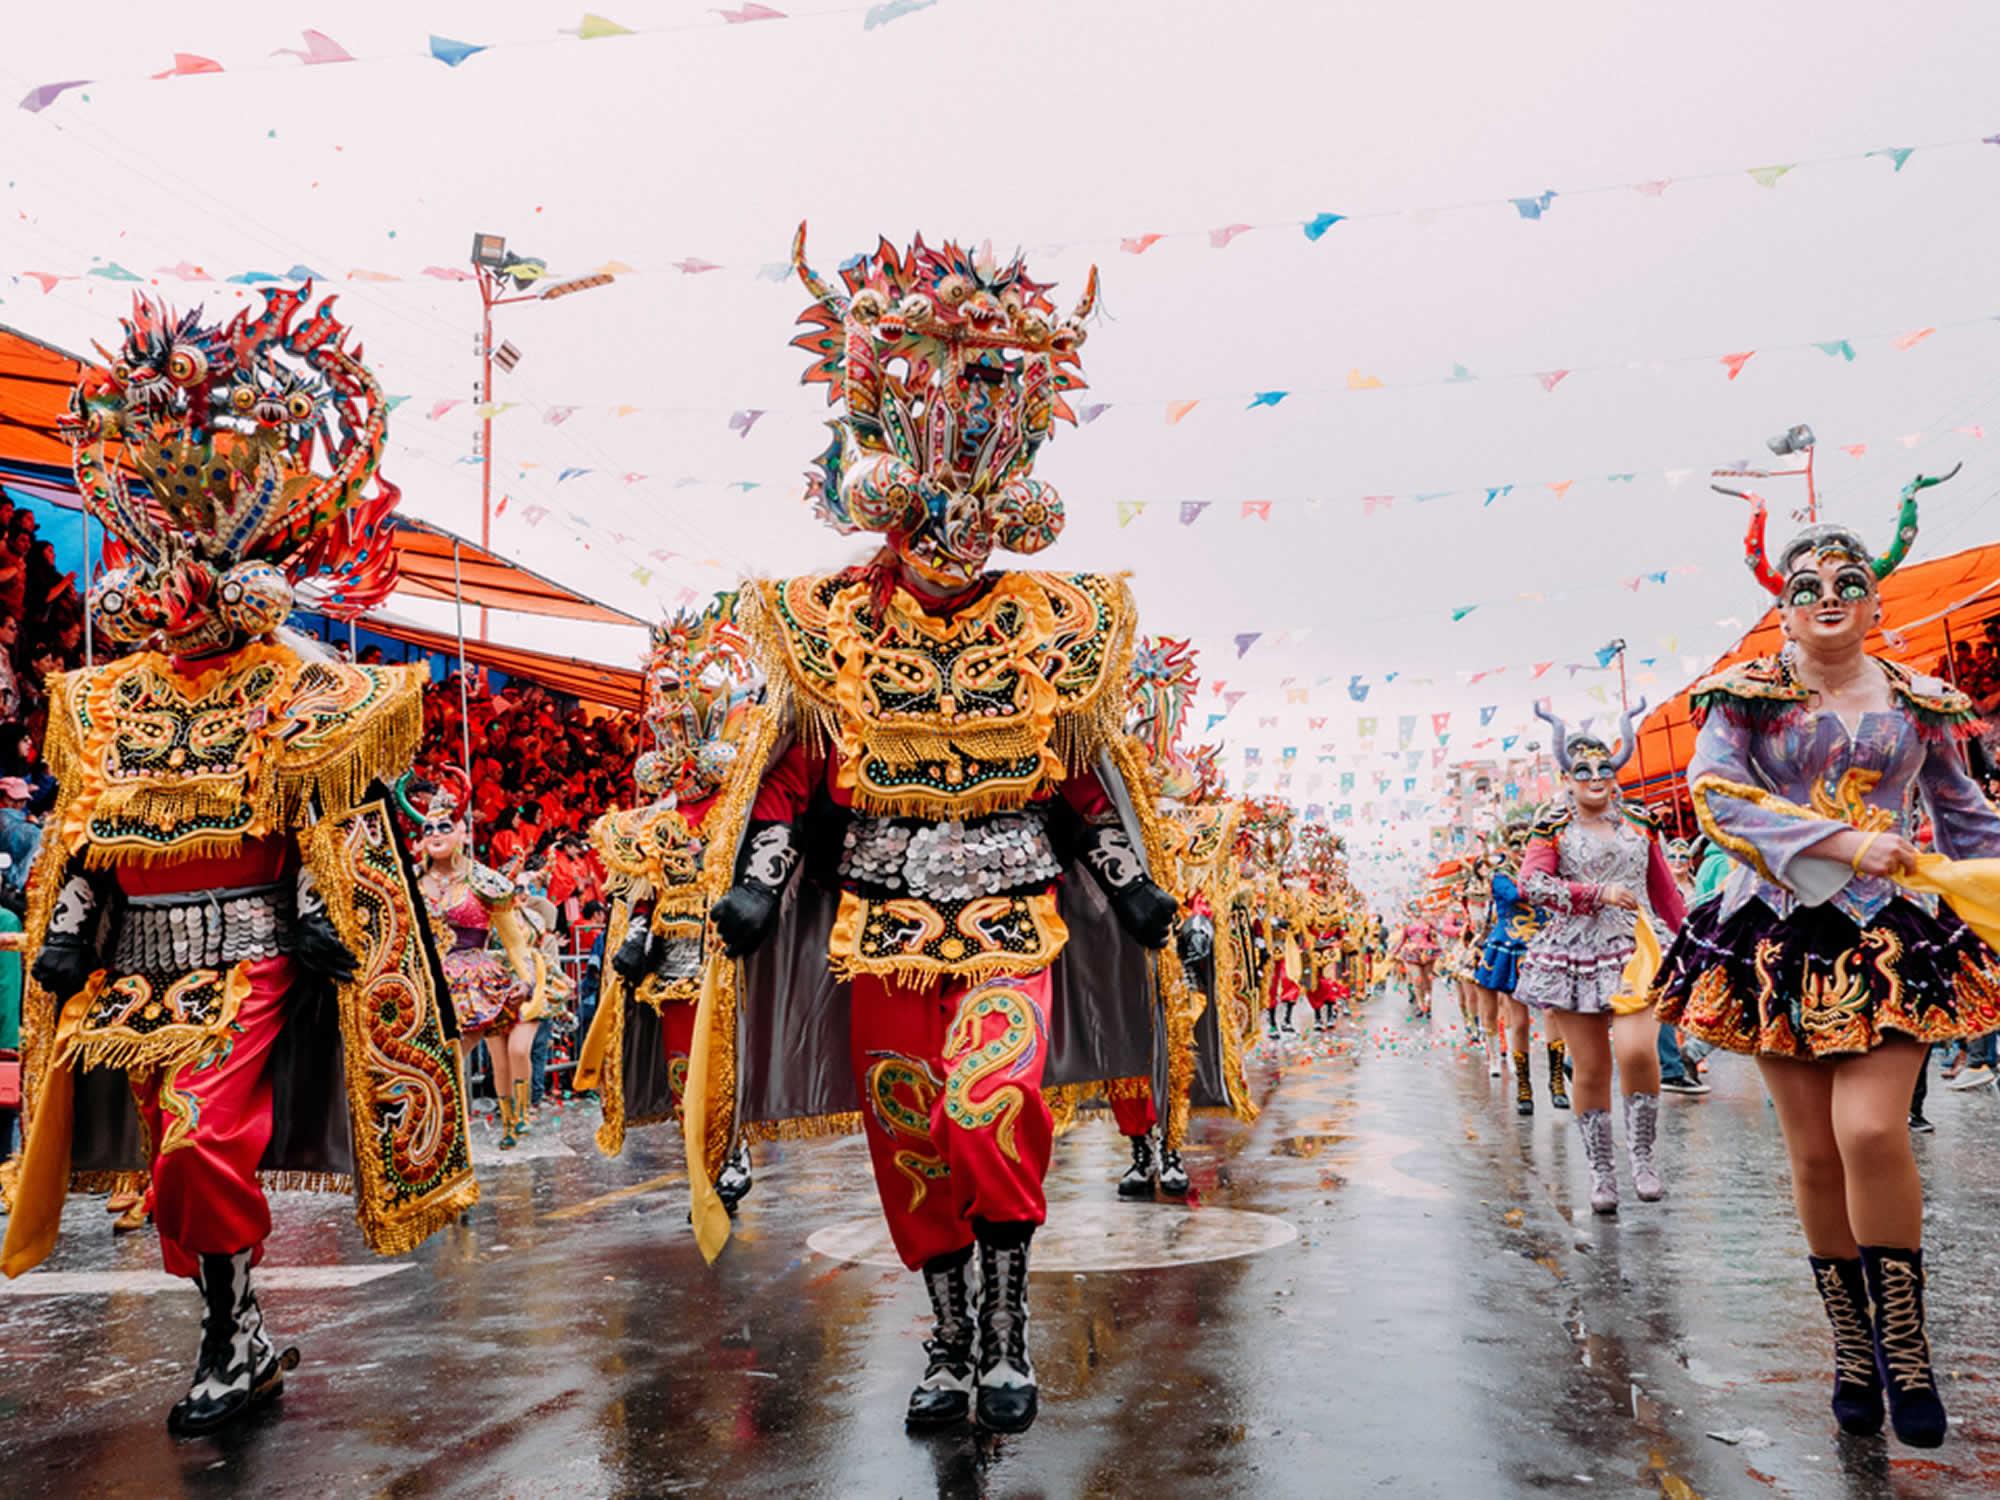 La Diablada - Oruro Carnival Dance